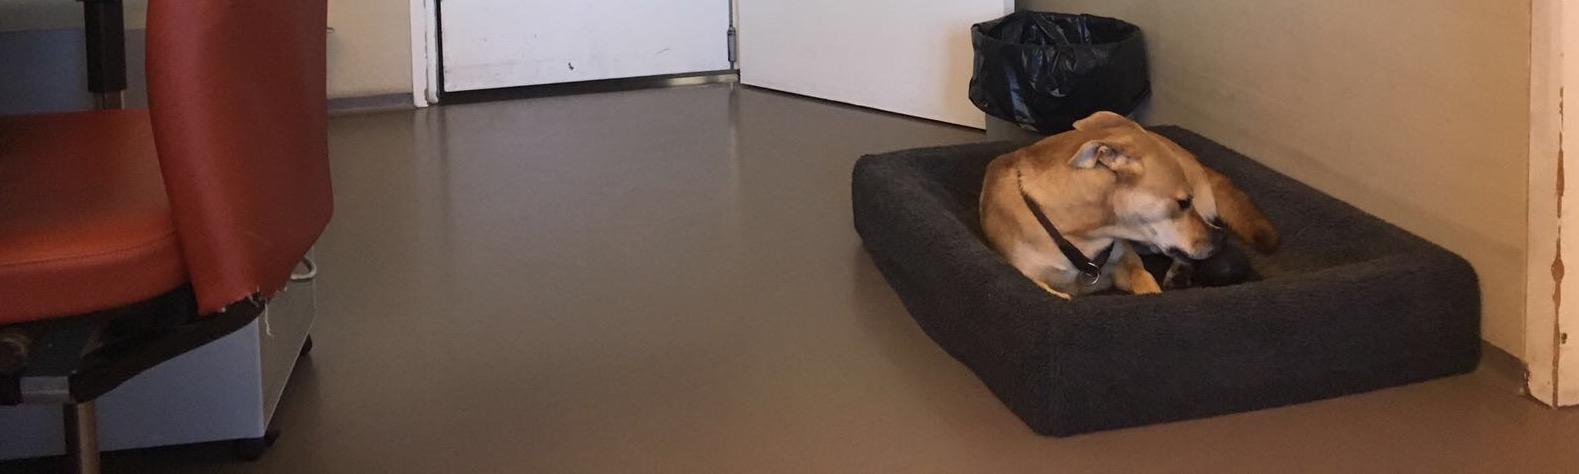 Kantoorhond